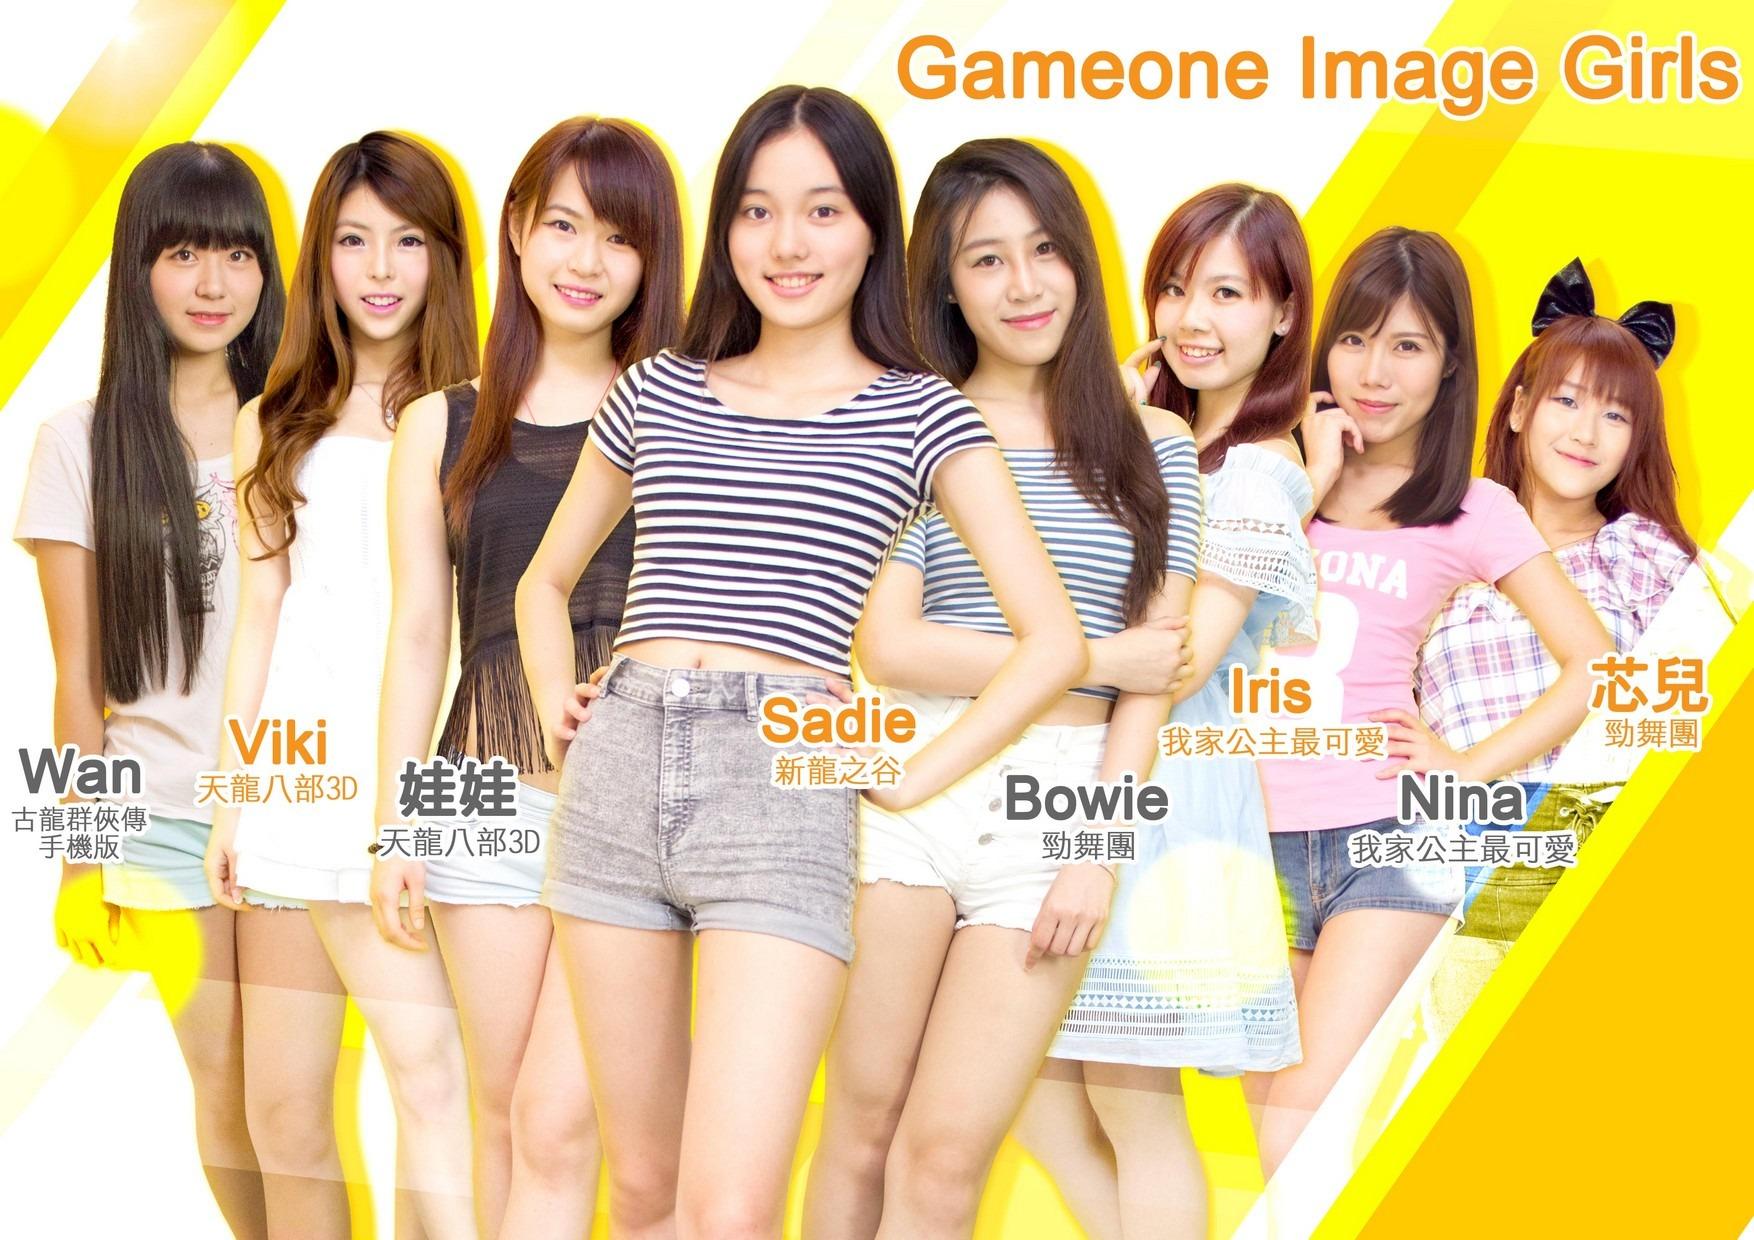 動漫電玩節速報    Gameone 美女陣造勢